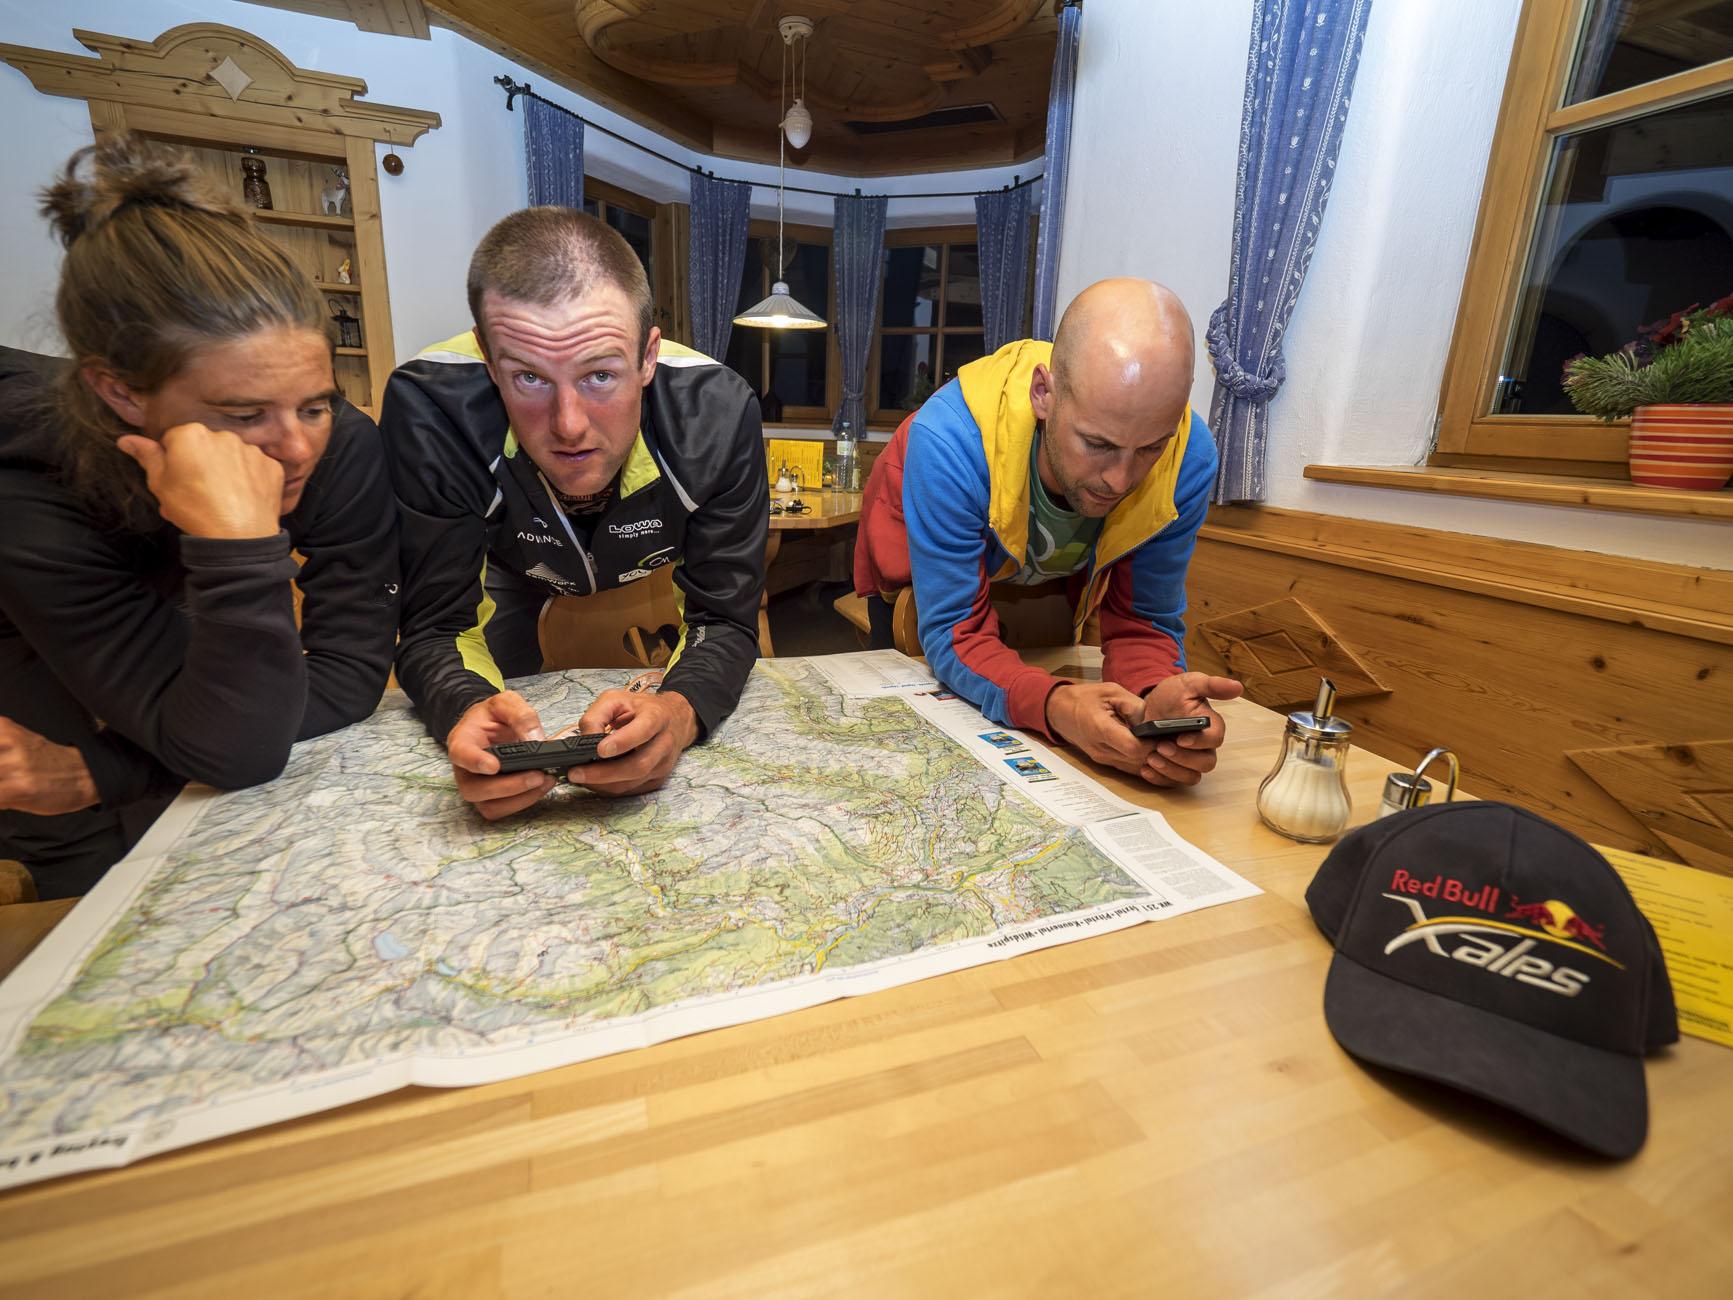 wenn die Nacht hereinbricht werden Karten studiert, um die effektivste Route für den nächsten Tag herauszuarbeiten © Vitek Ludvik/Red Bull Content Pool